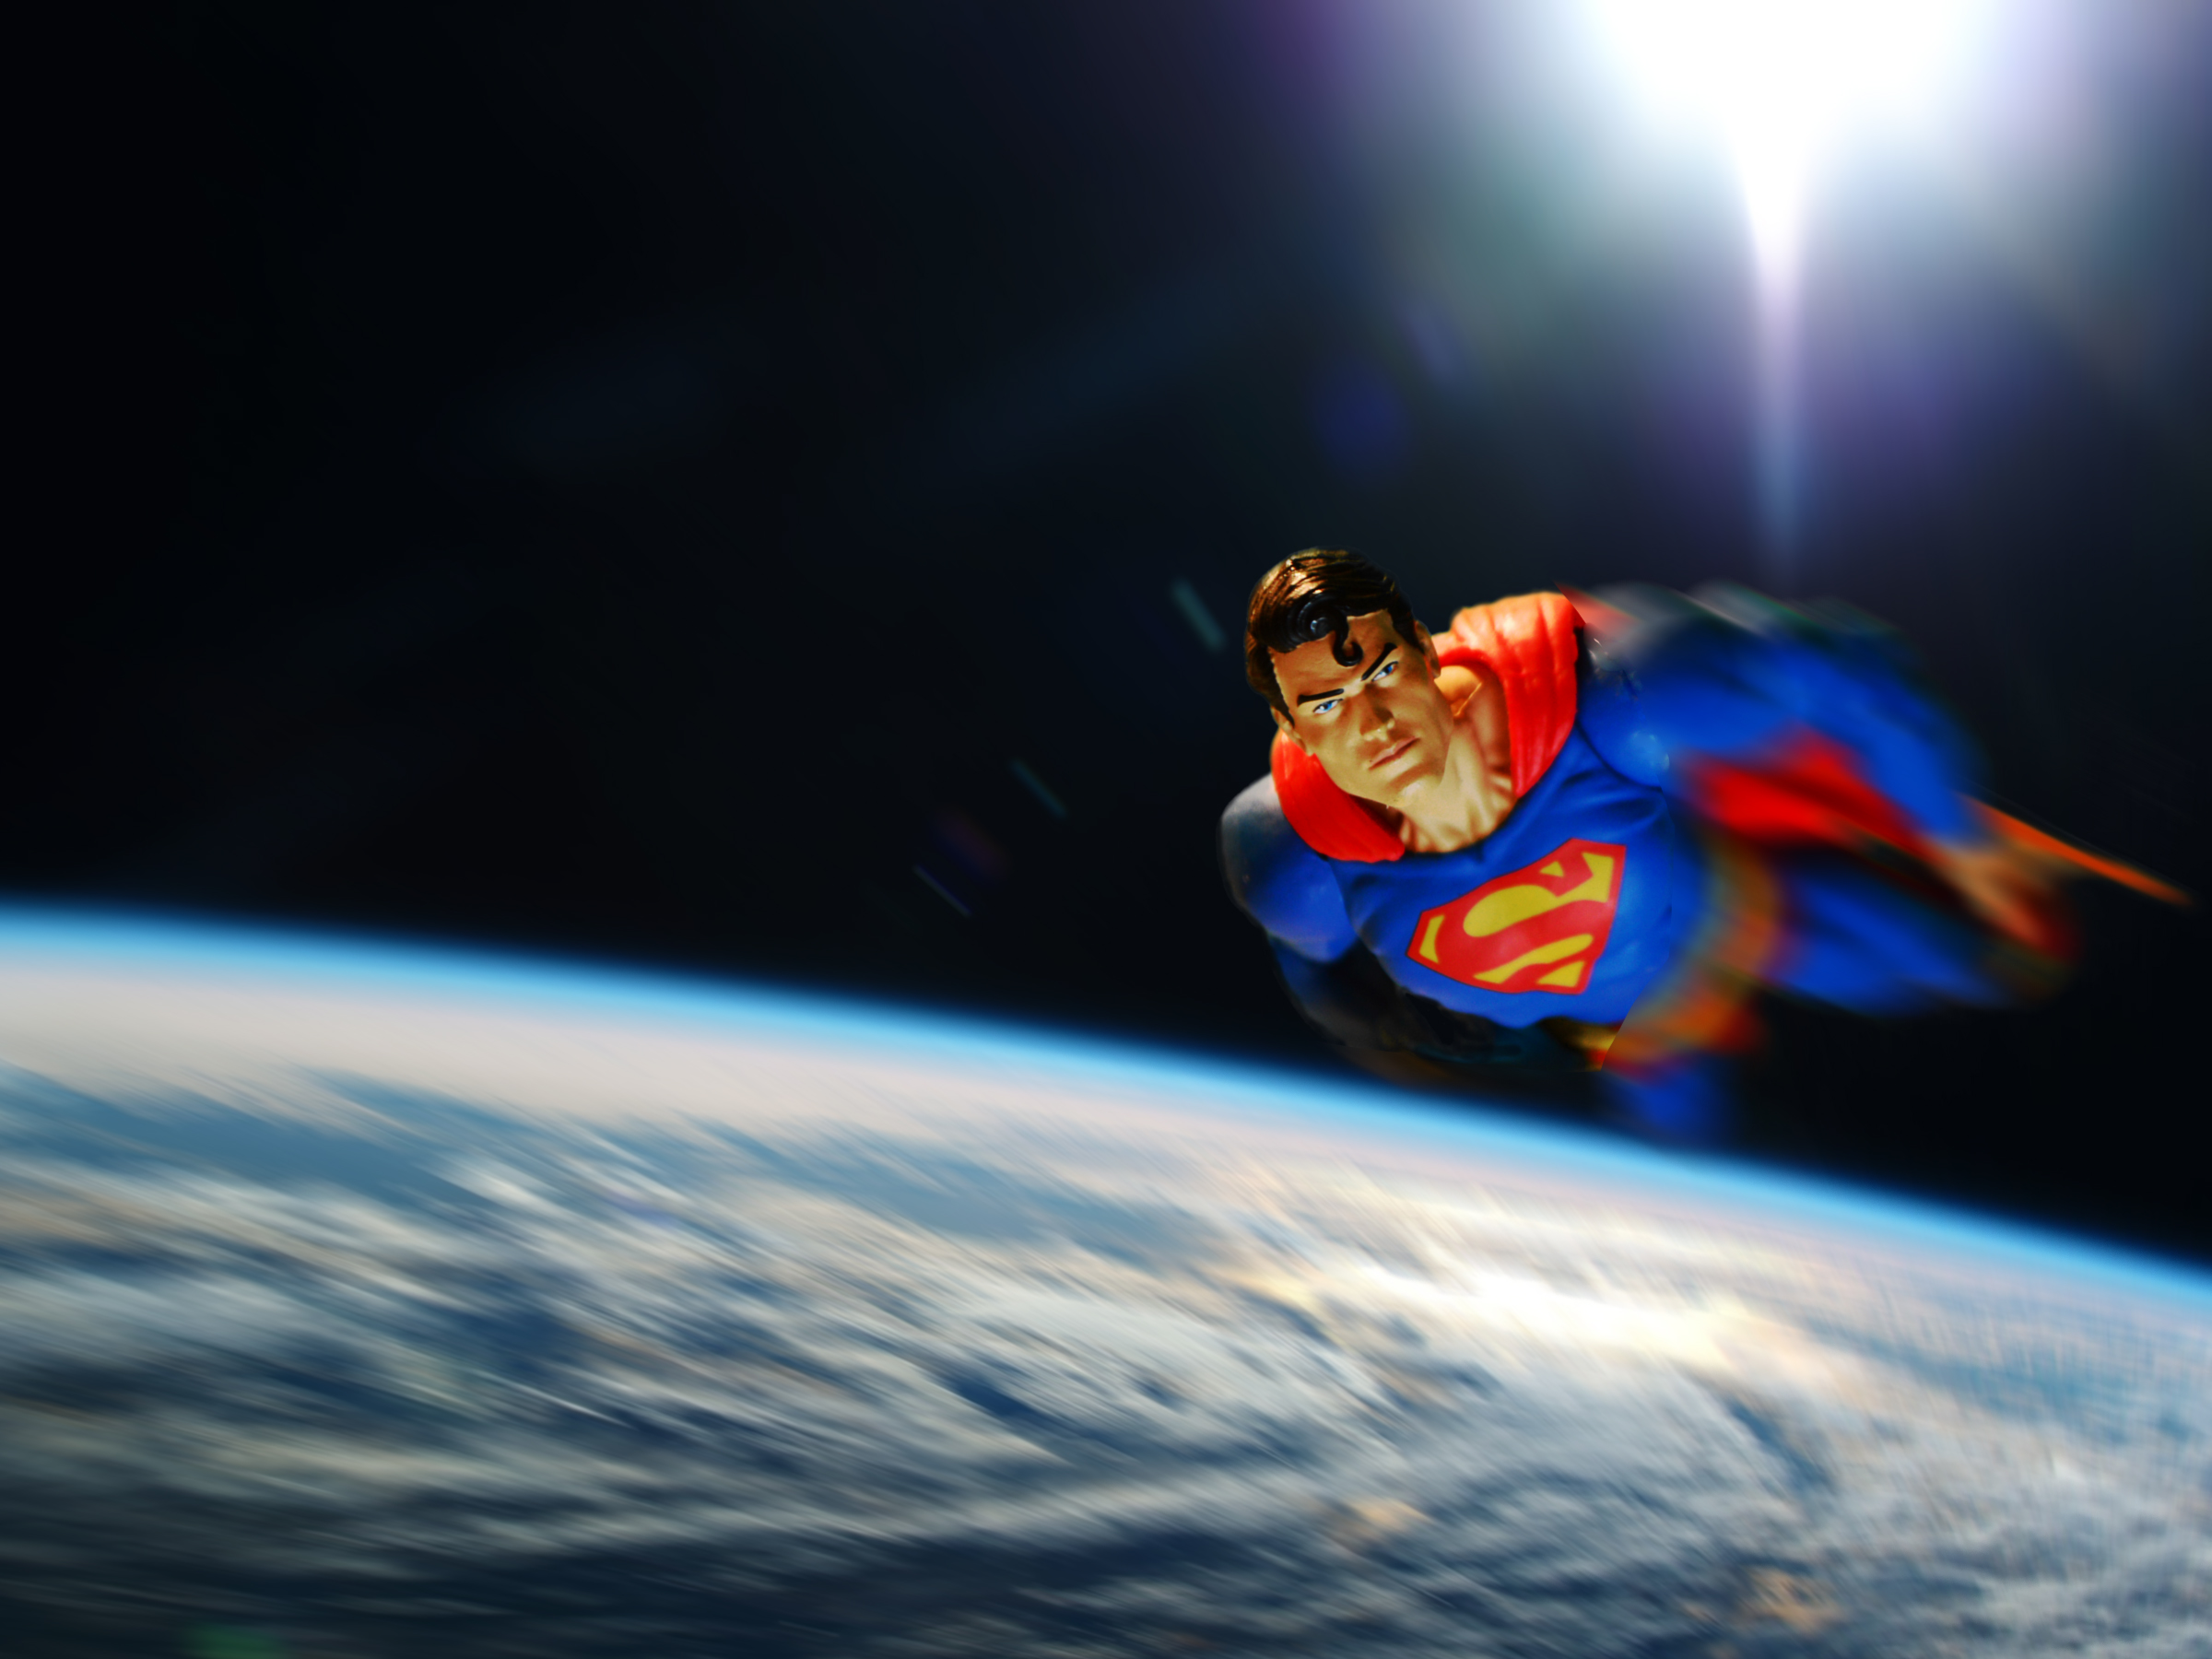 Superman orbit